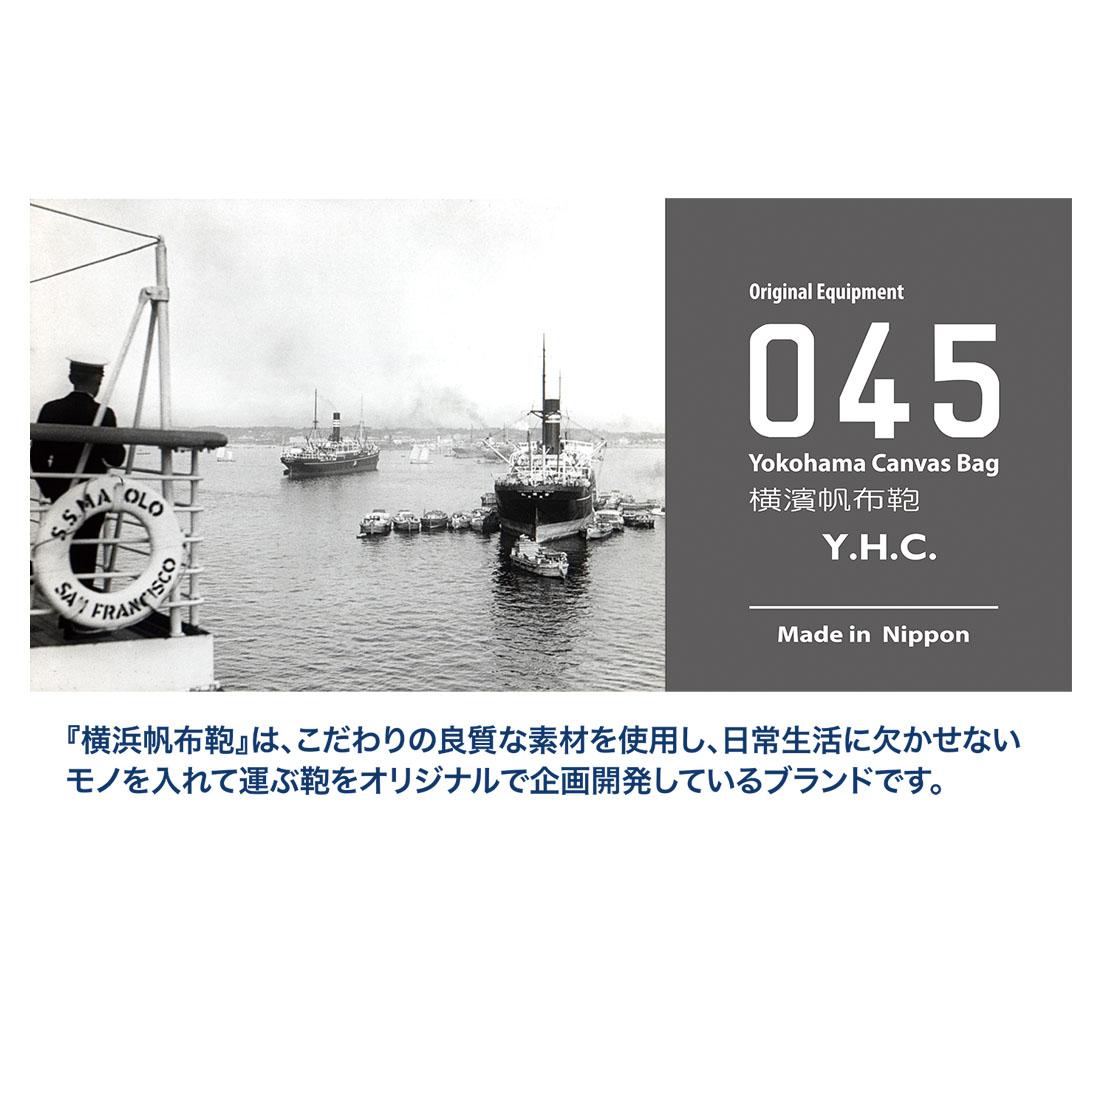 ミッフィー横浜045 ブルー ワンショルダー